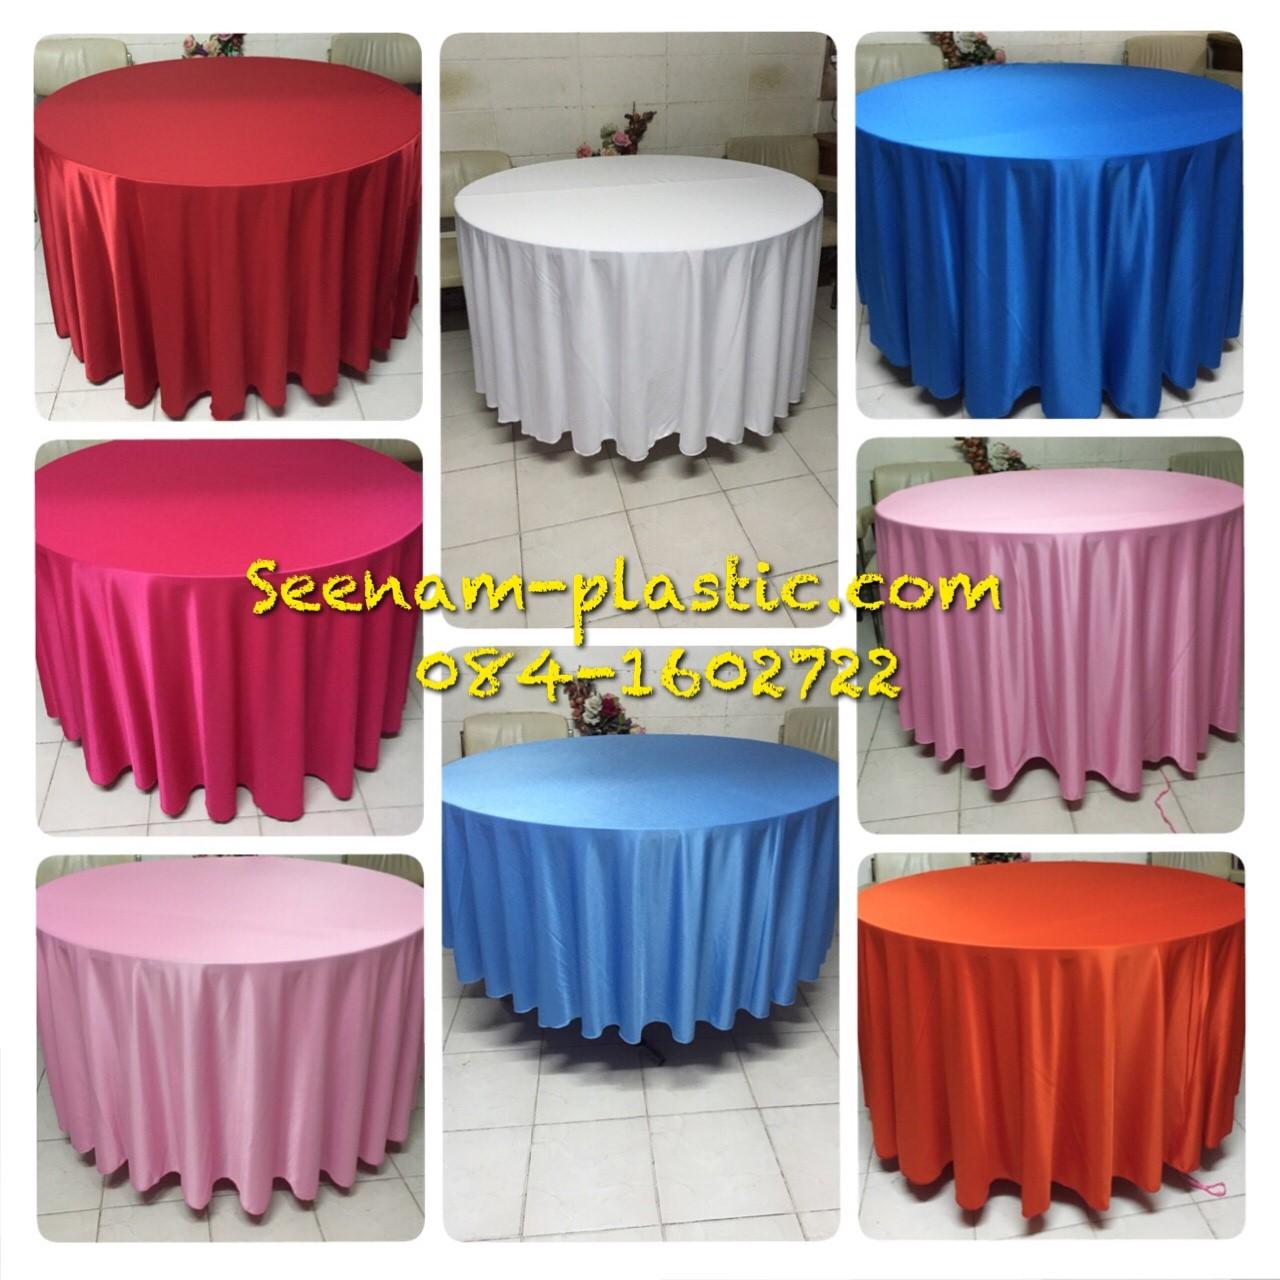 ผ้าคลุมโต๊ะพับ ผ้าคลุมโต๊ะจีน